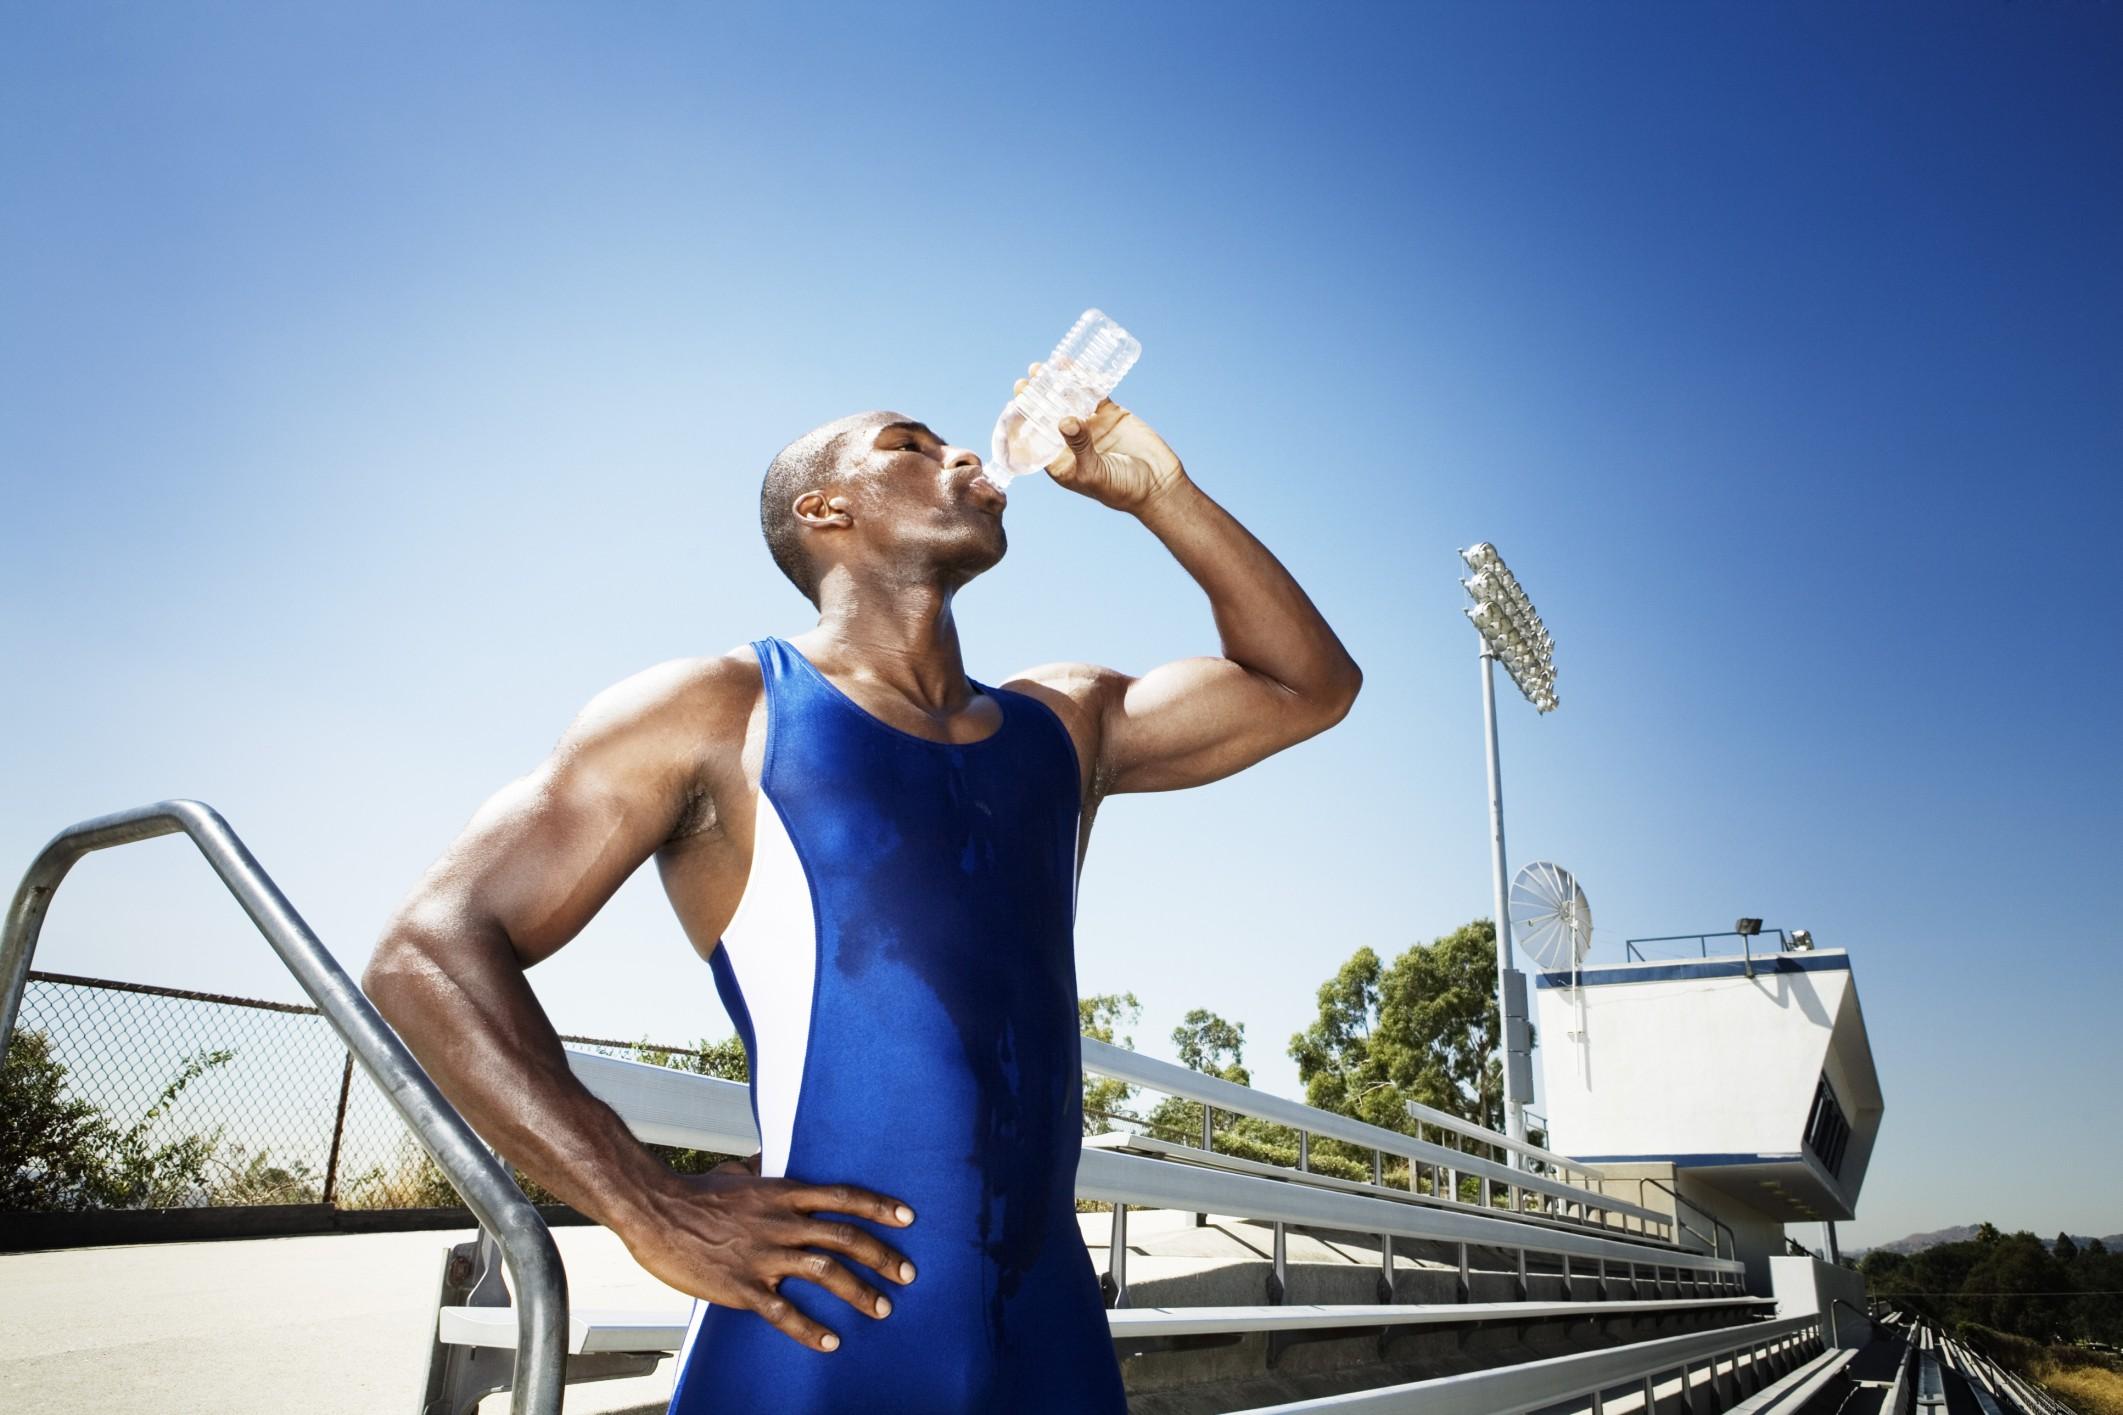 Qué es la hiponatremia, cómo afecta a los deportistas y cómo prevenirla 1